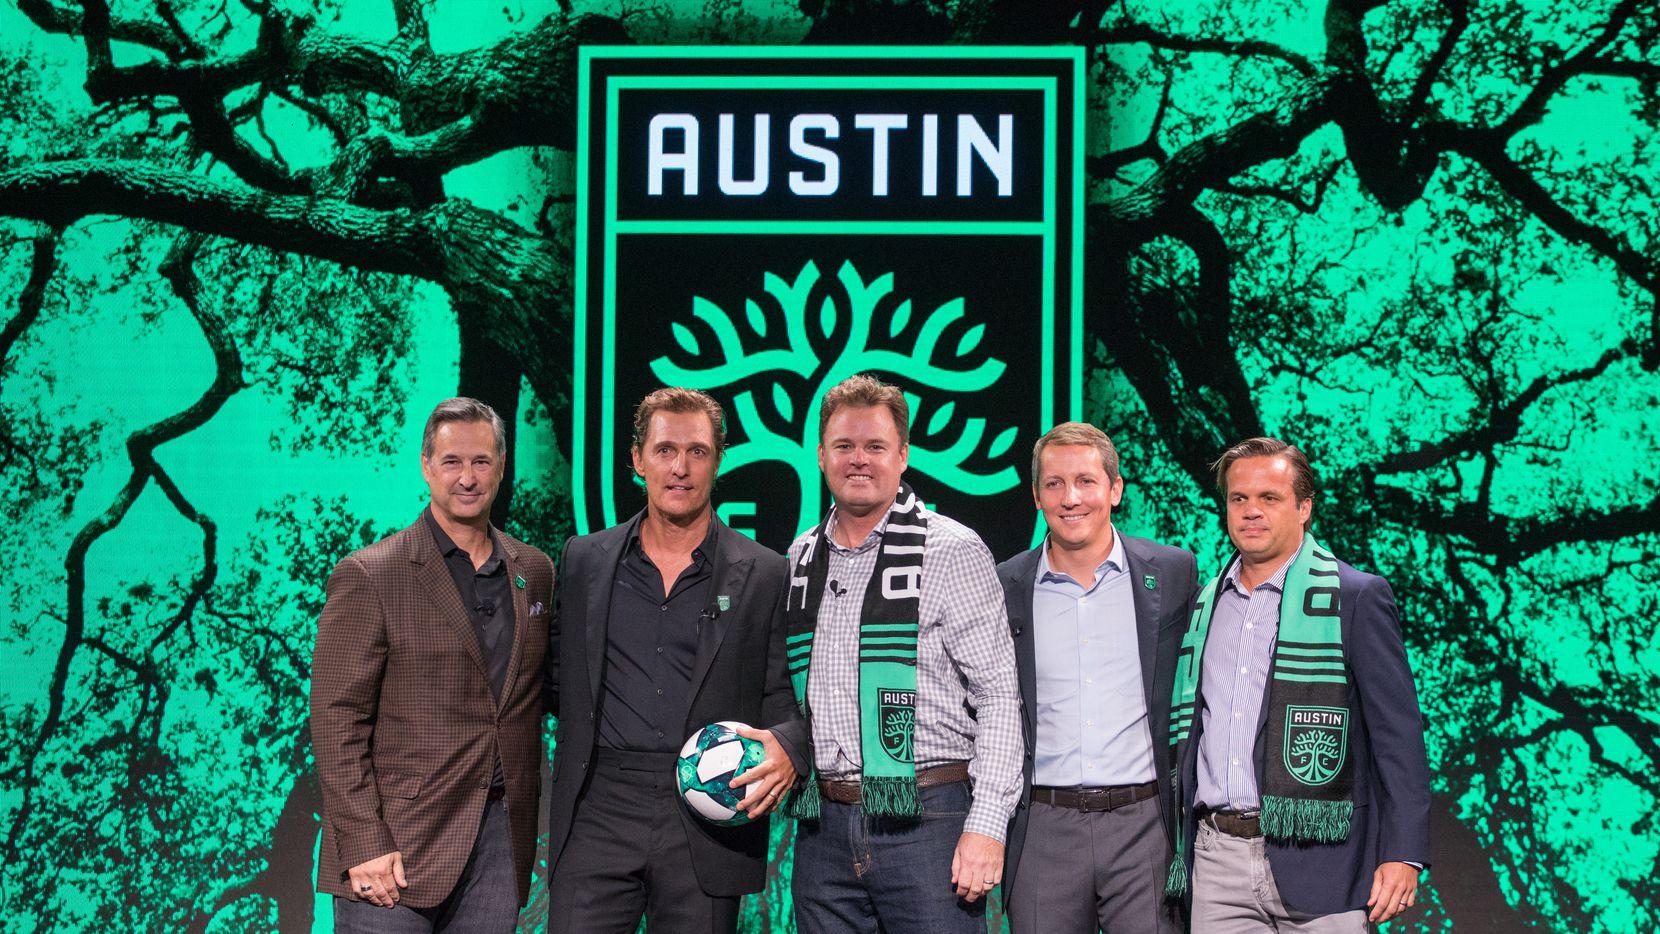 Los directivos del Austin FC en la presentación de la nueva franquicia de la MLS, el 23 de agosto de 2019.